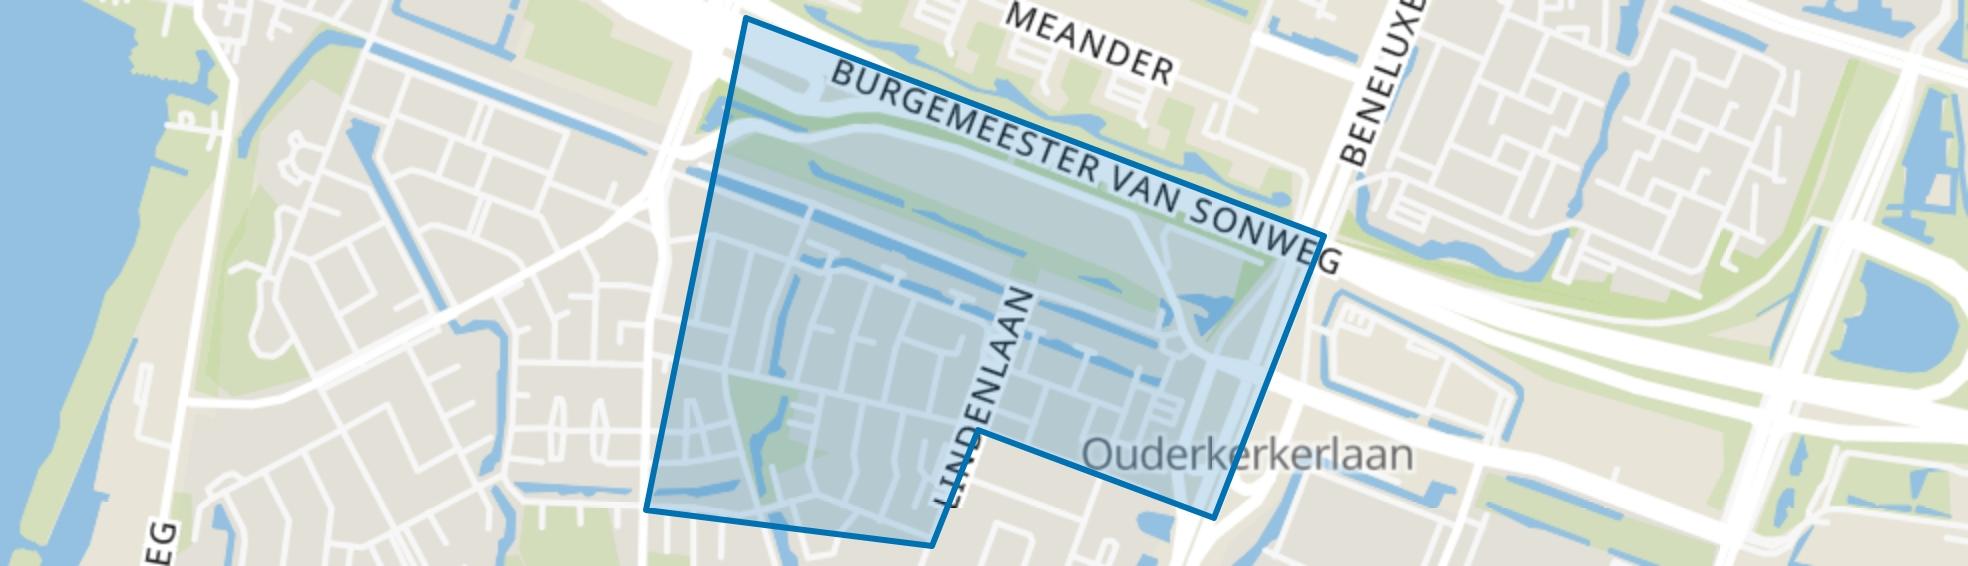 Van der Leekbuurt, Amstelveen map